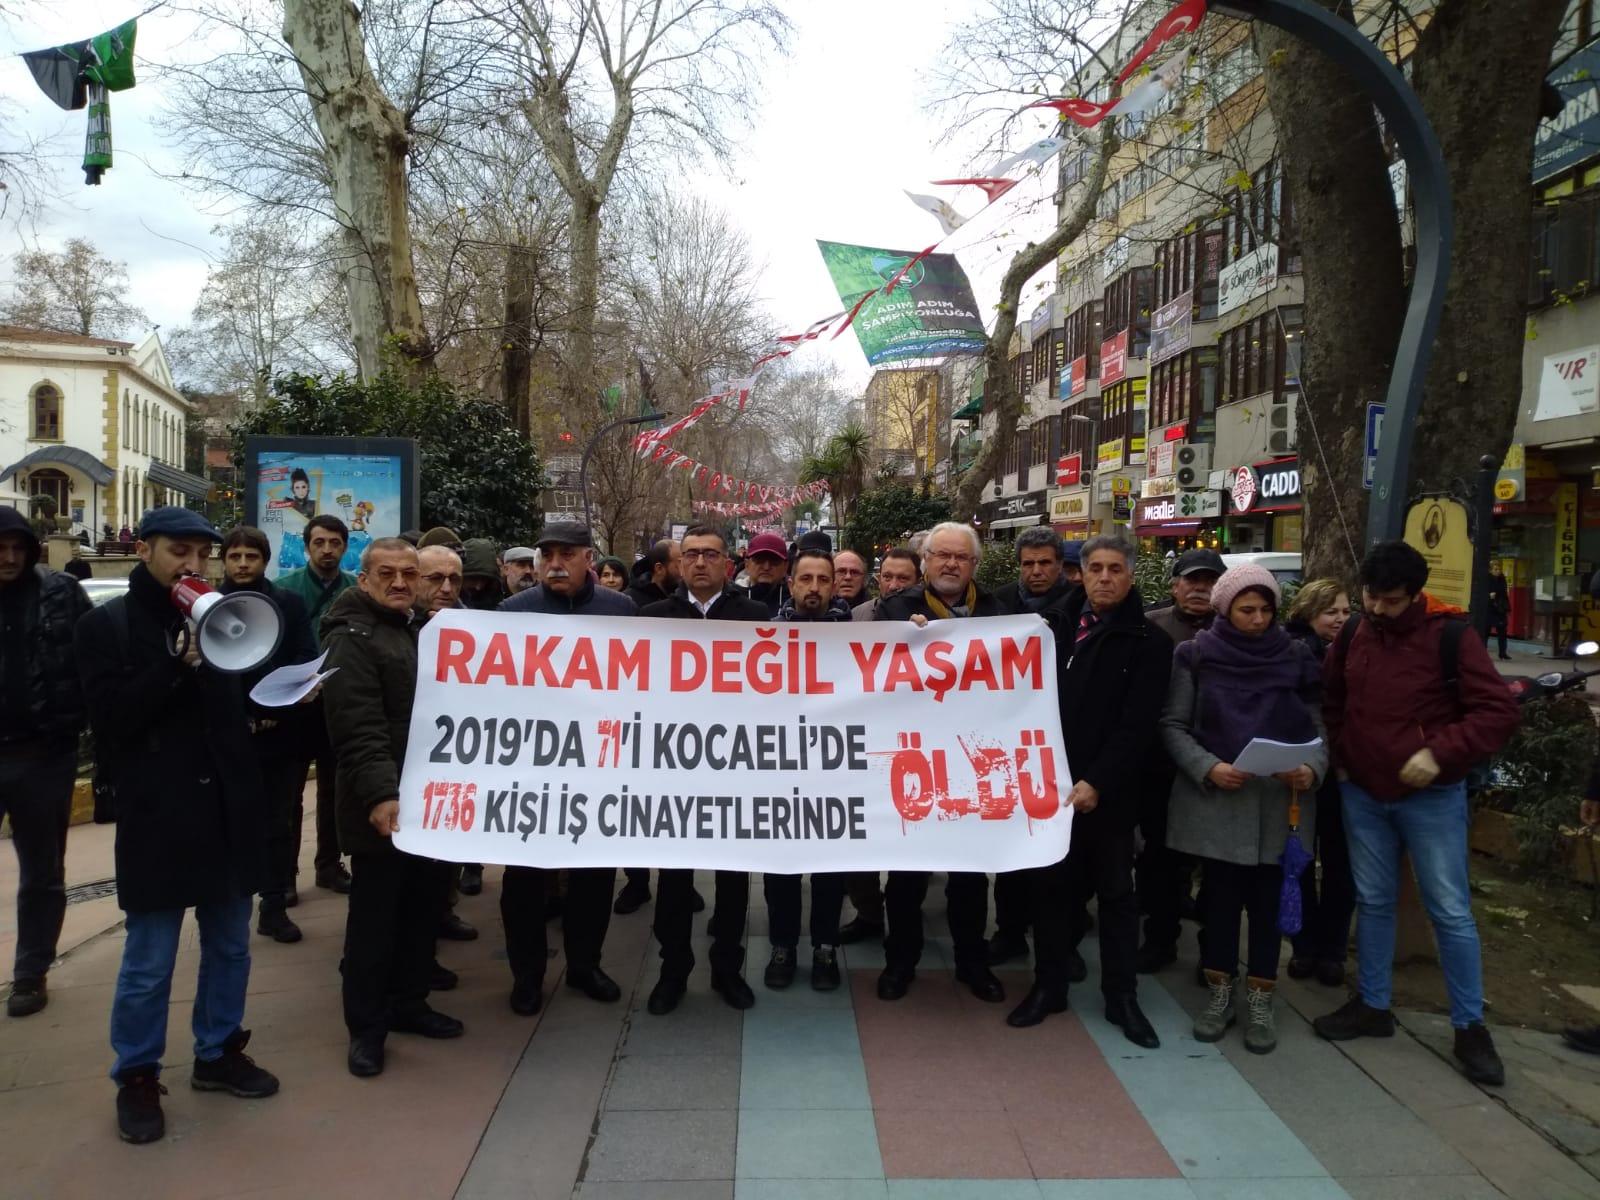 Kocaeli İSİG Meclisi: 2019'da Kocaeli'de 71 işçi yaşamını yitirdi